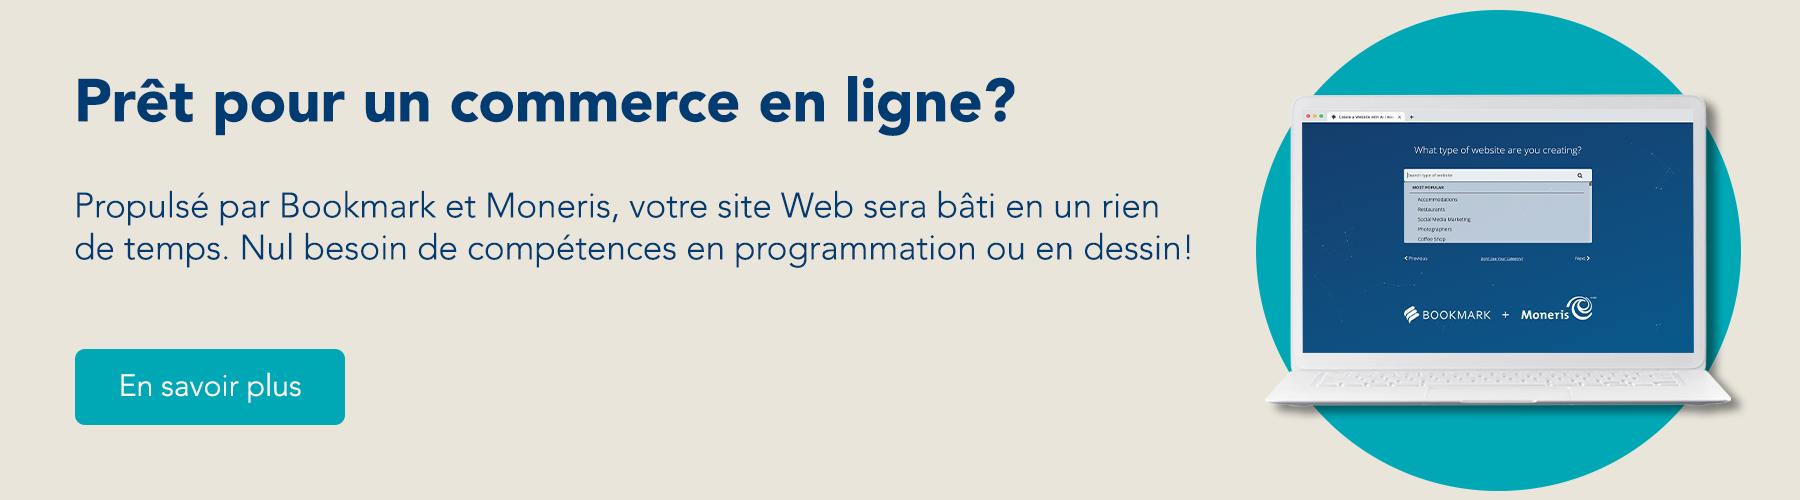 Prêt pour un commerce en ligne? Propulsé par Bookmark et Moneris, votre site Web sera bâti en un rien de temps. Nul besoin de compétences en programmation ou en dessin! En savoir plus!